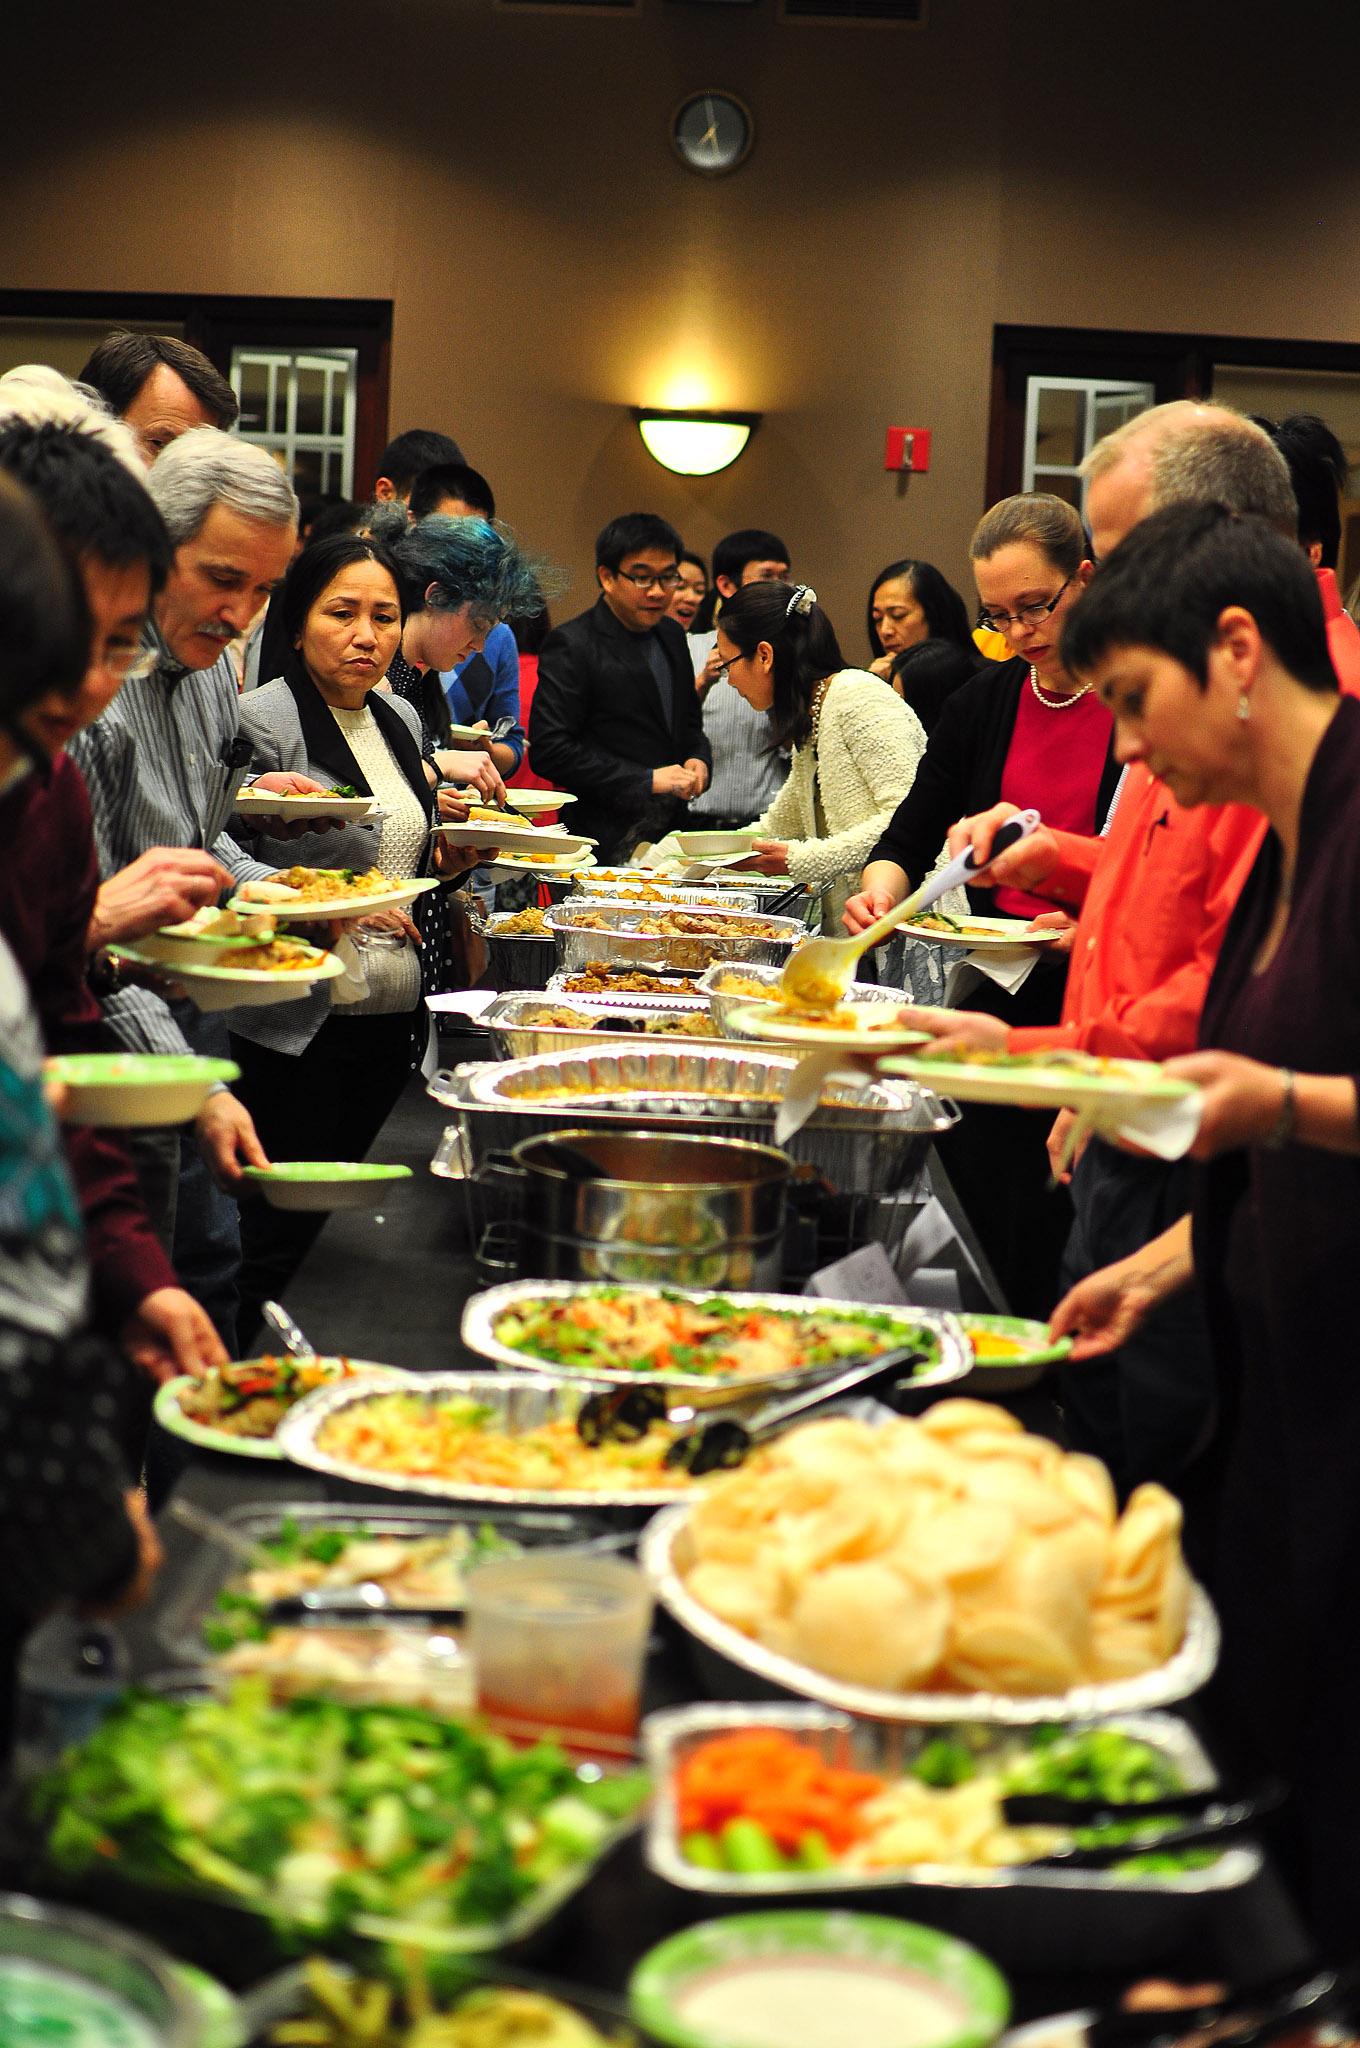 Các món ăn truyền thống dịp đầu năm được chuẩn bị hết sức kỹ lưỡng.